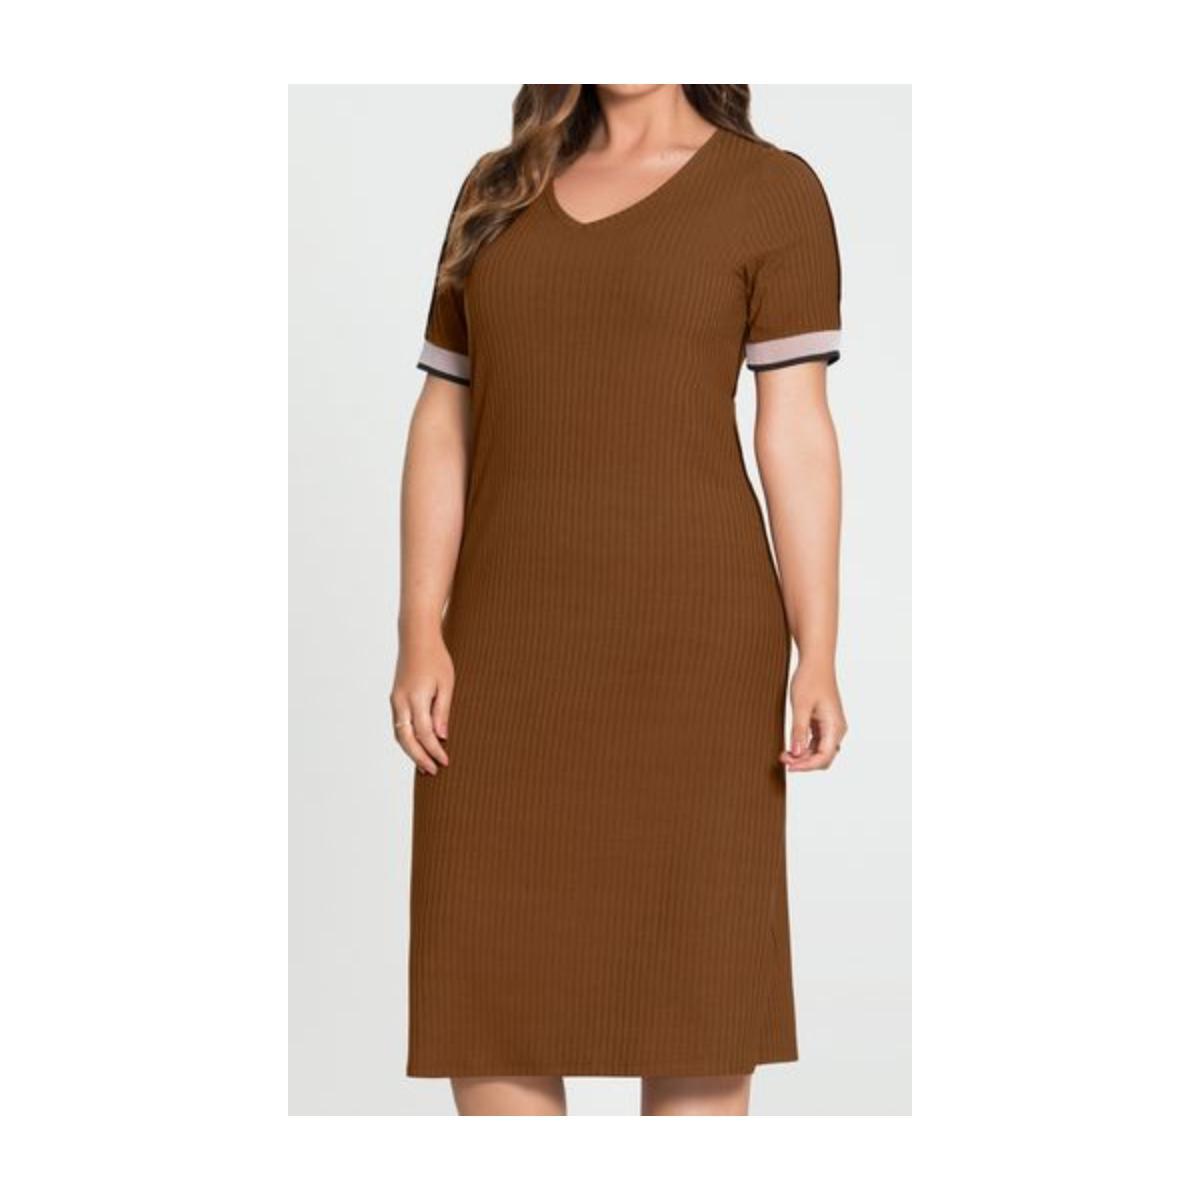 Vestido Feminino Lunender 60185 Marrom